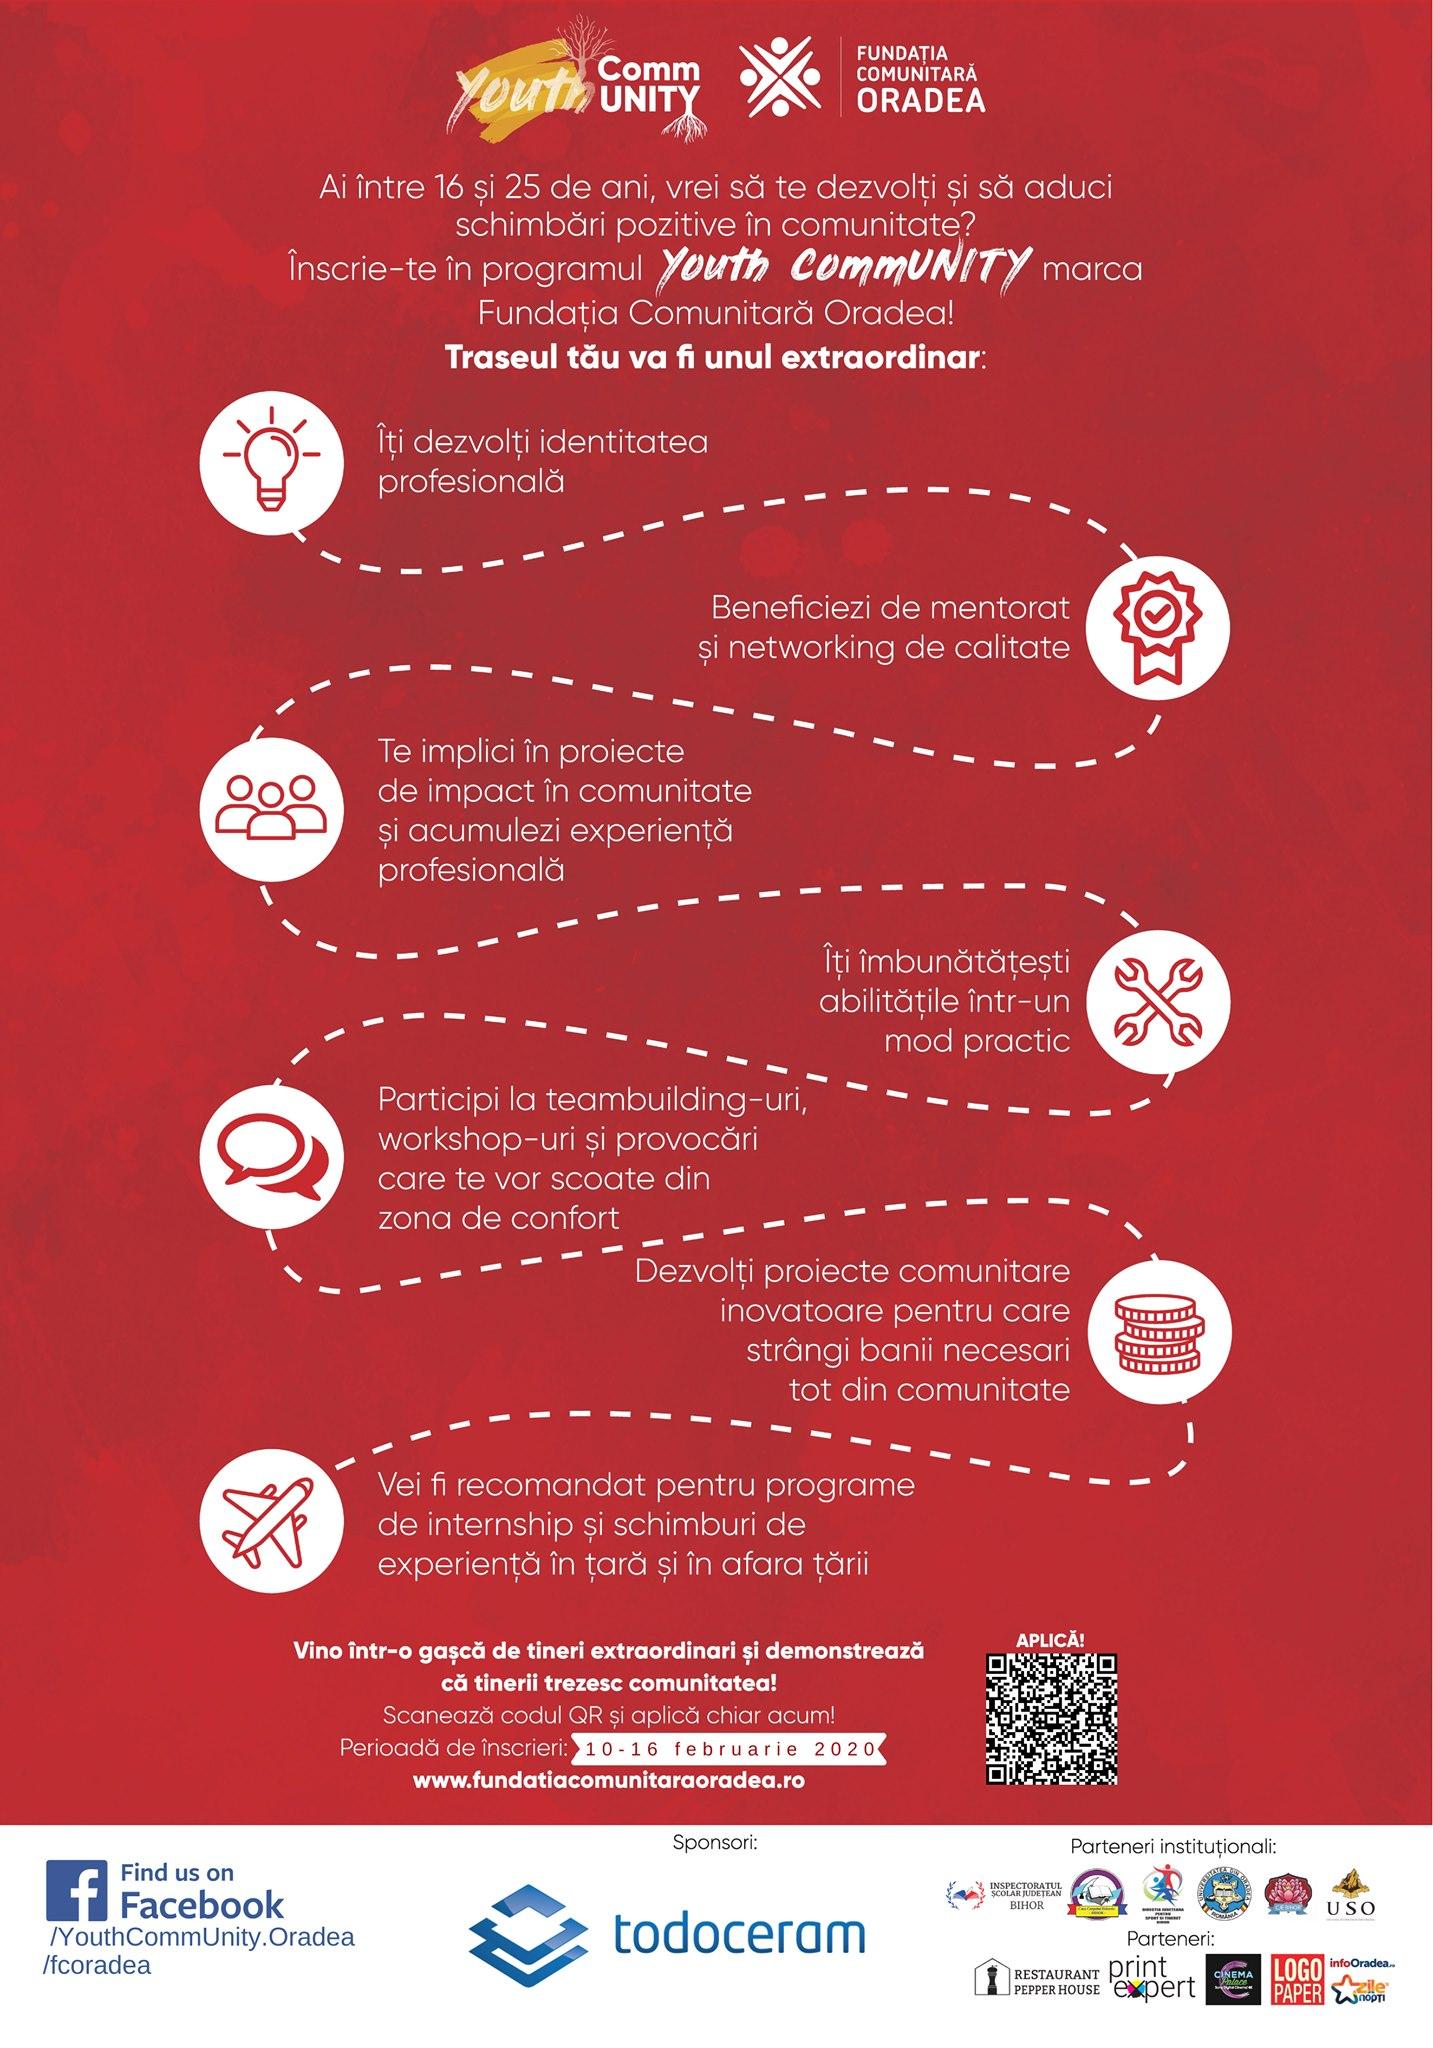 Fundația Comunitară Oradea lansează a doua ediție Youth CommUNITY